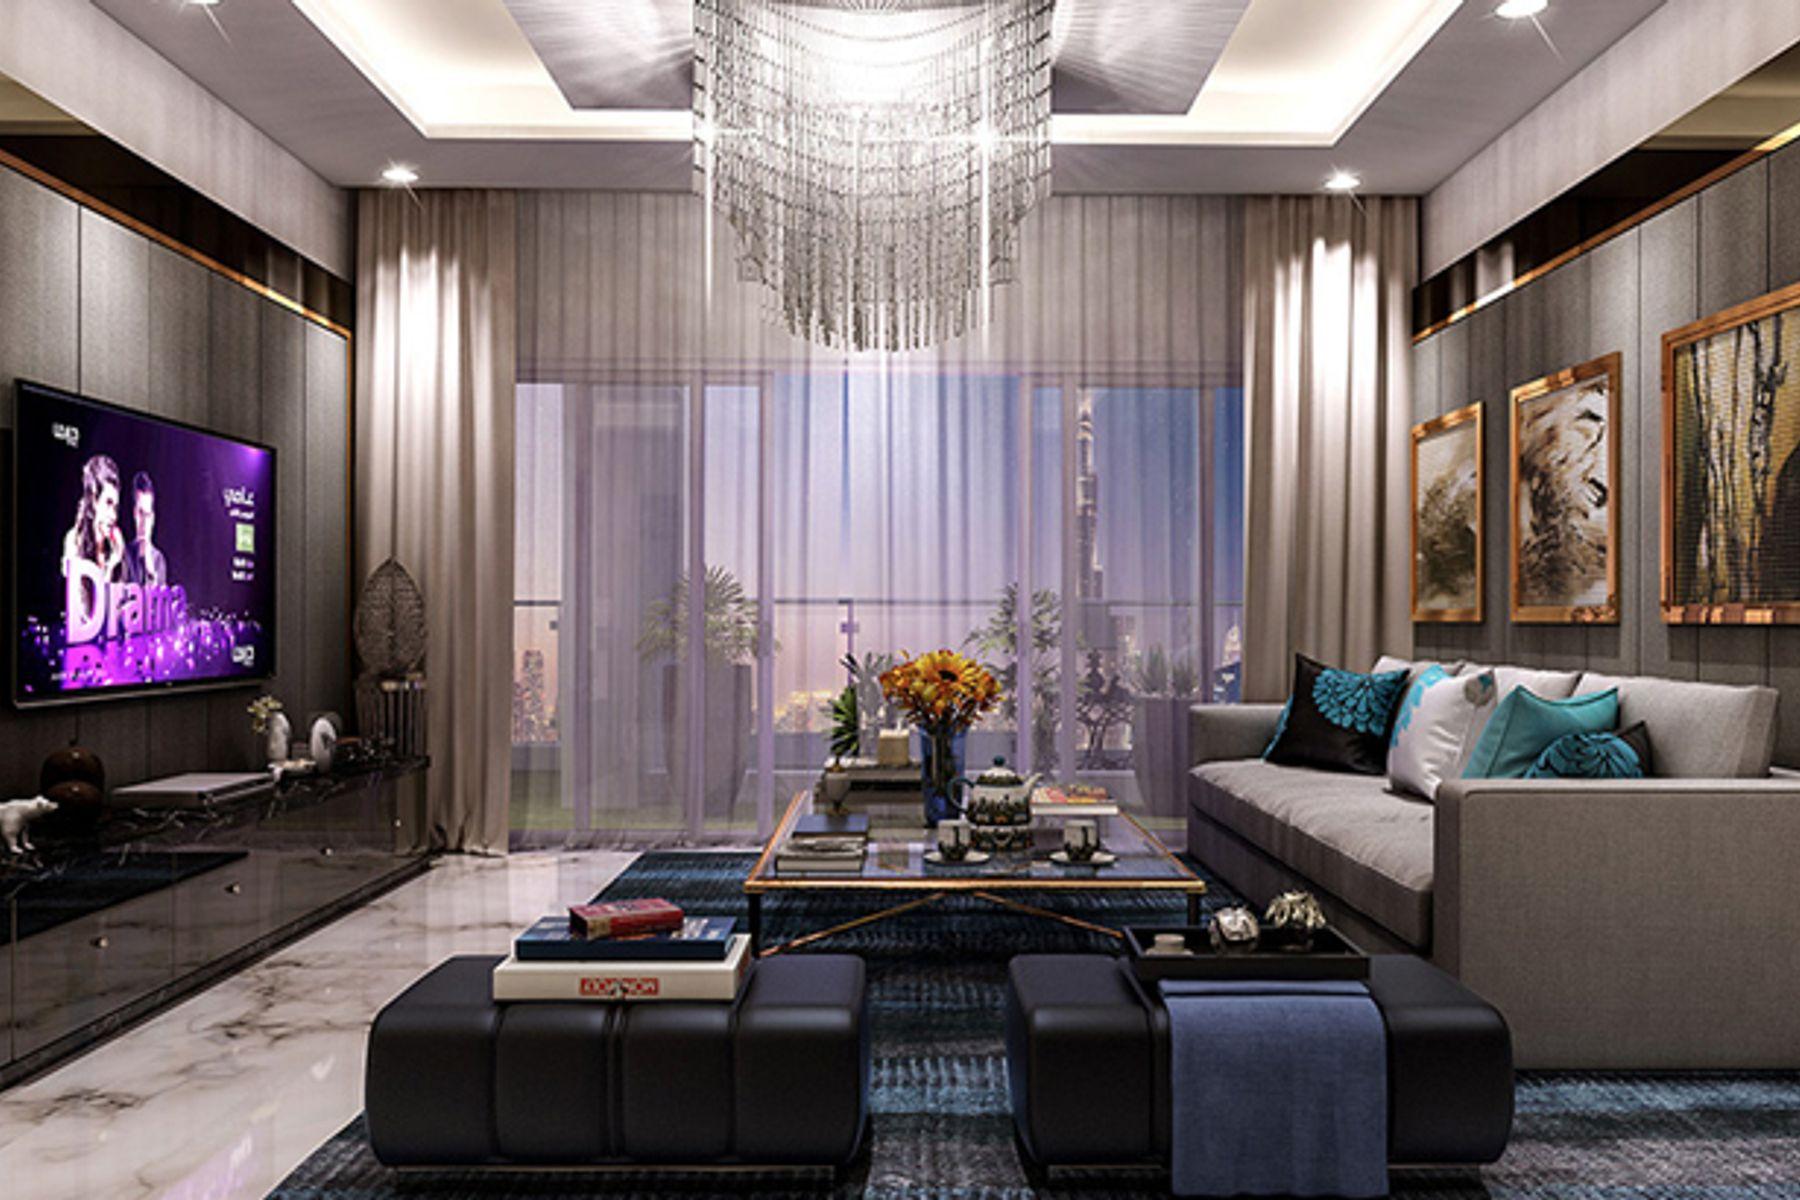 386 قدم مربع  شقة فندقية - للبيع - الفرجان